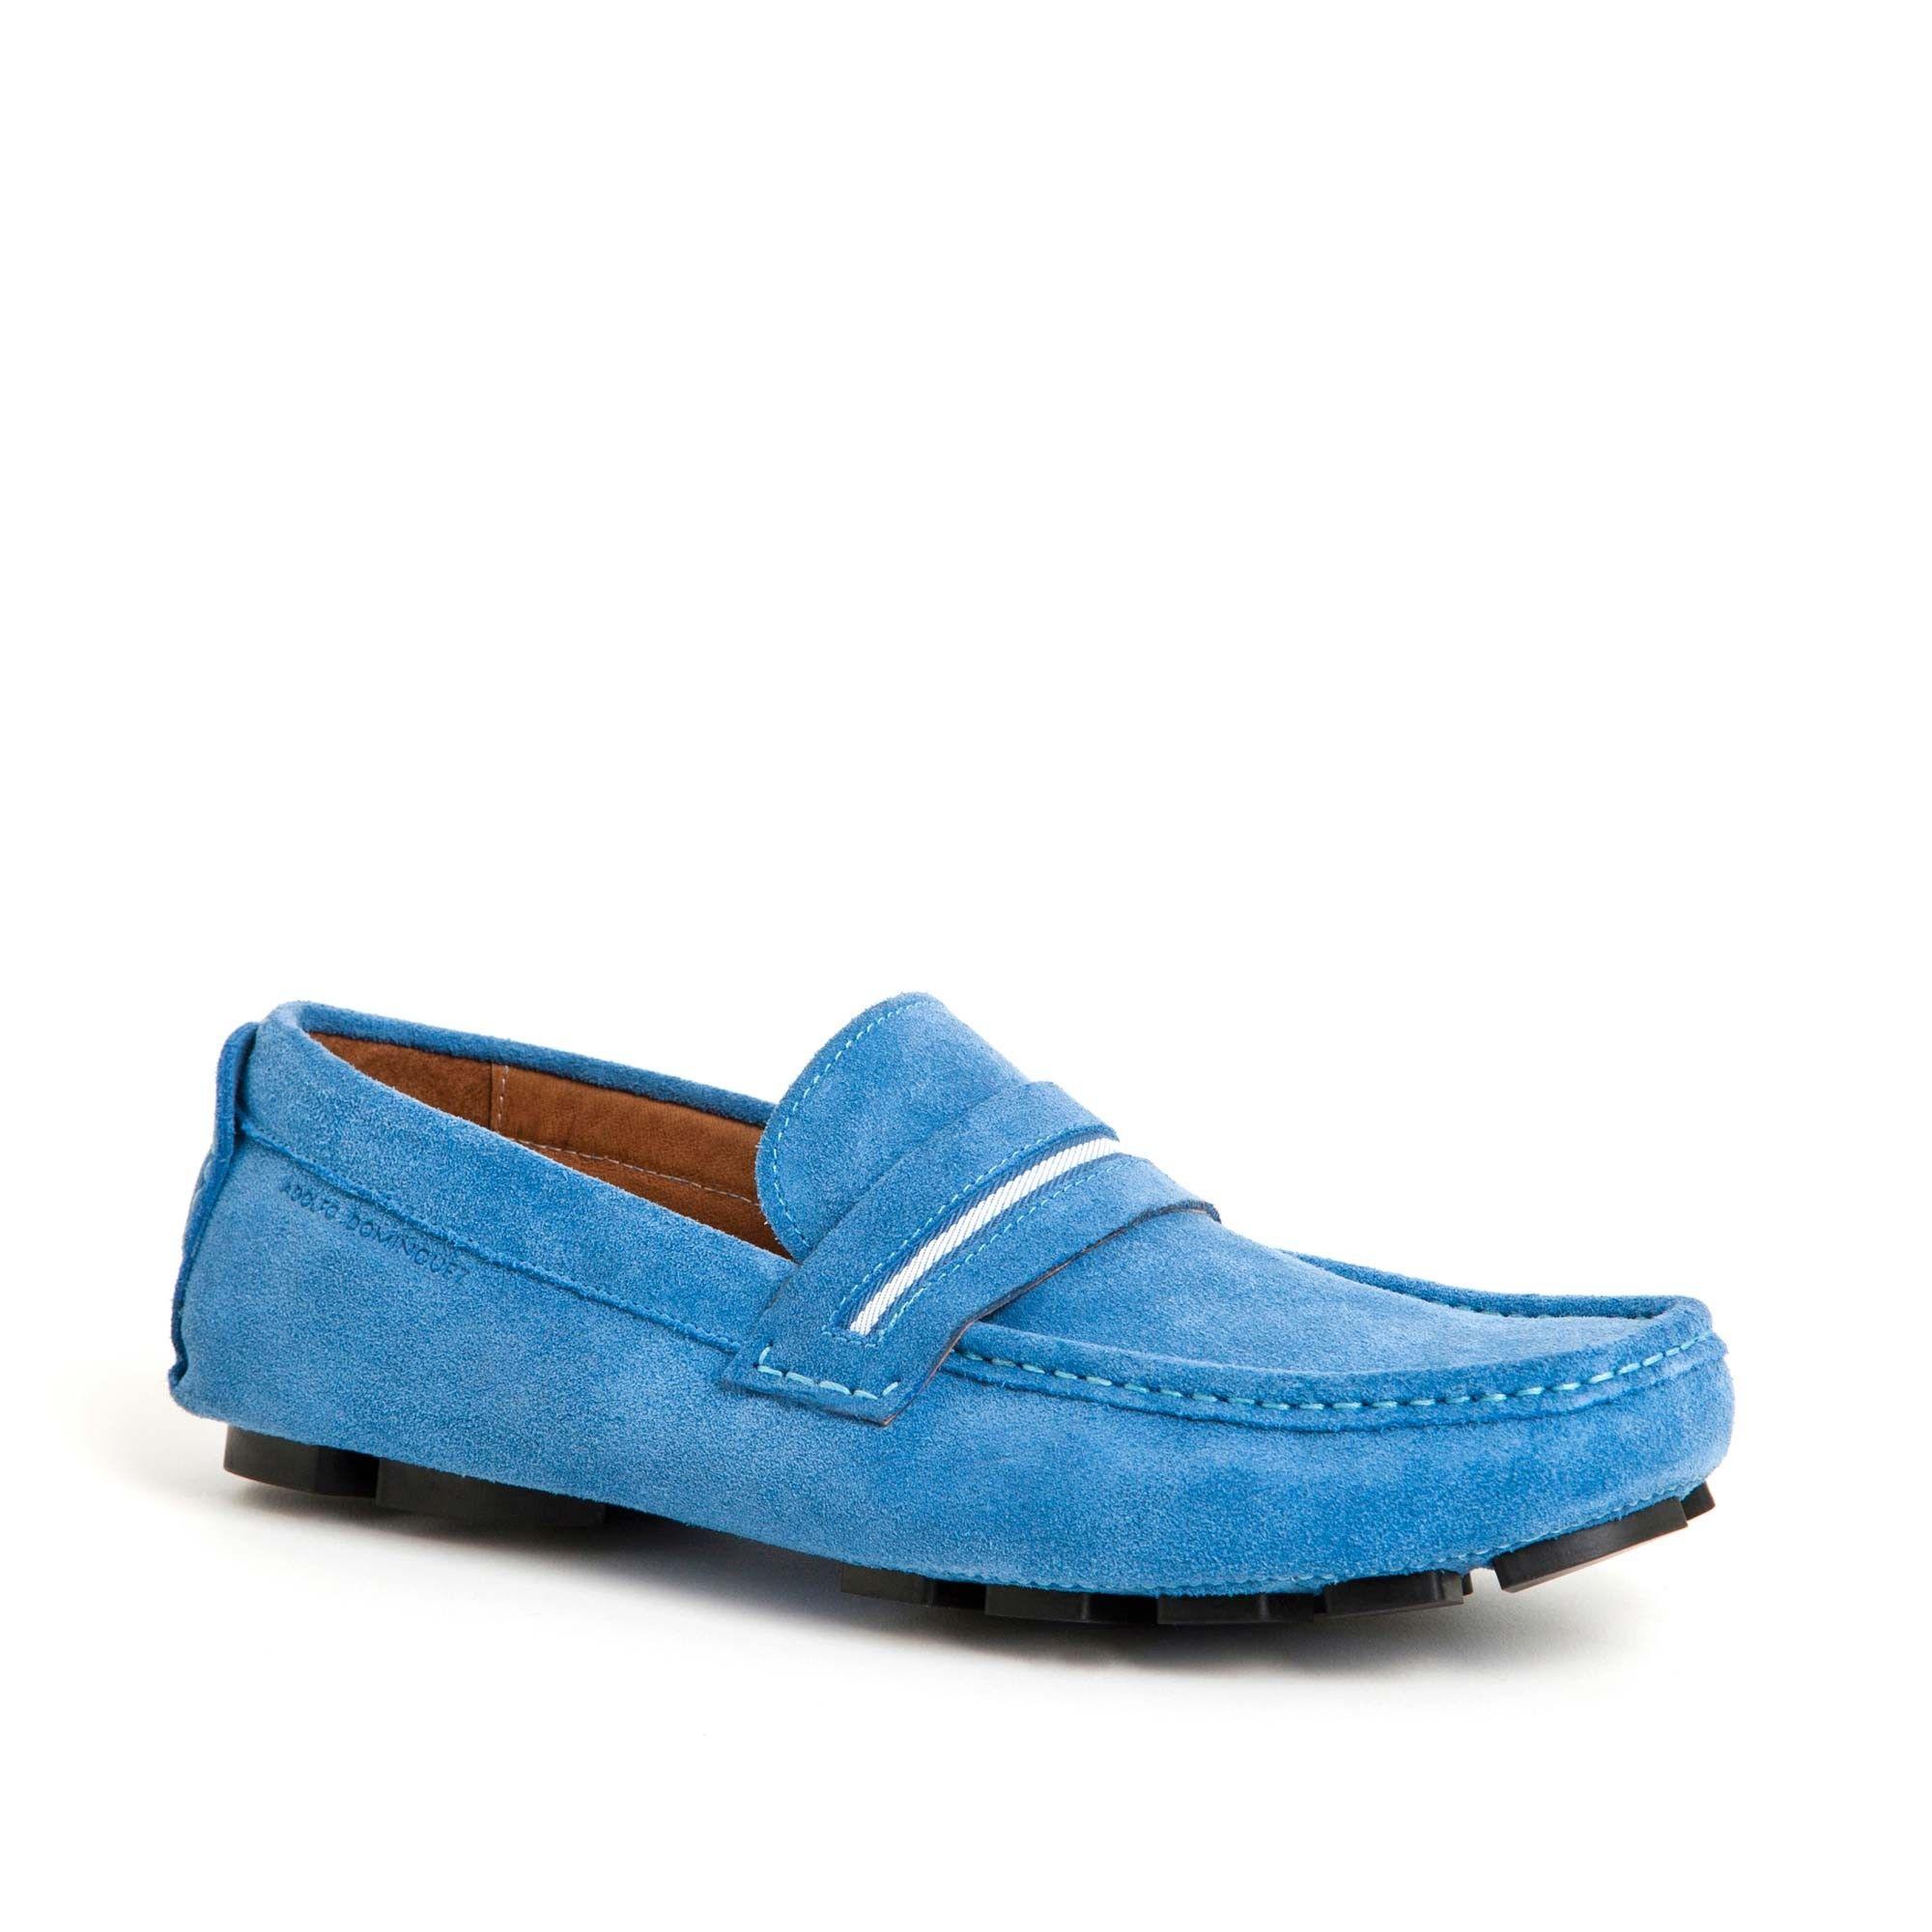 aac37b5f6d17e Zapato mocasín azul celeste - AD Hombre